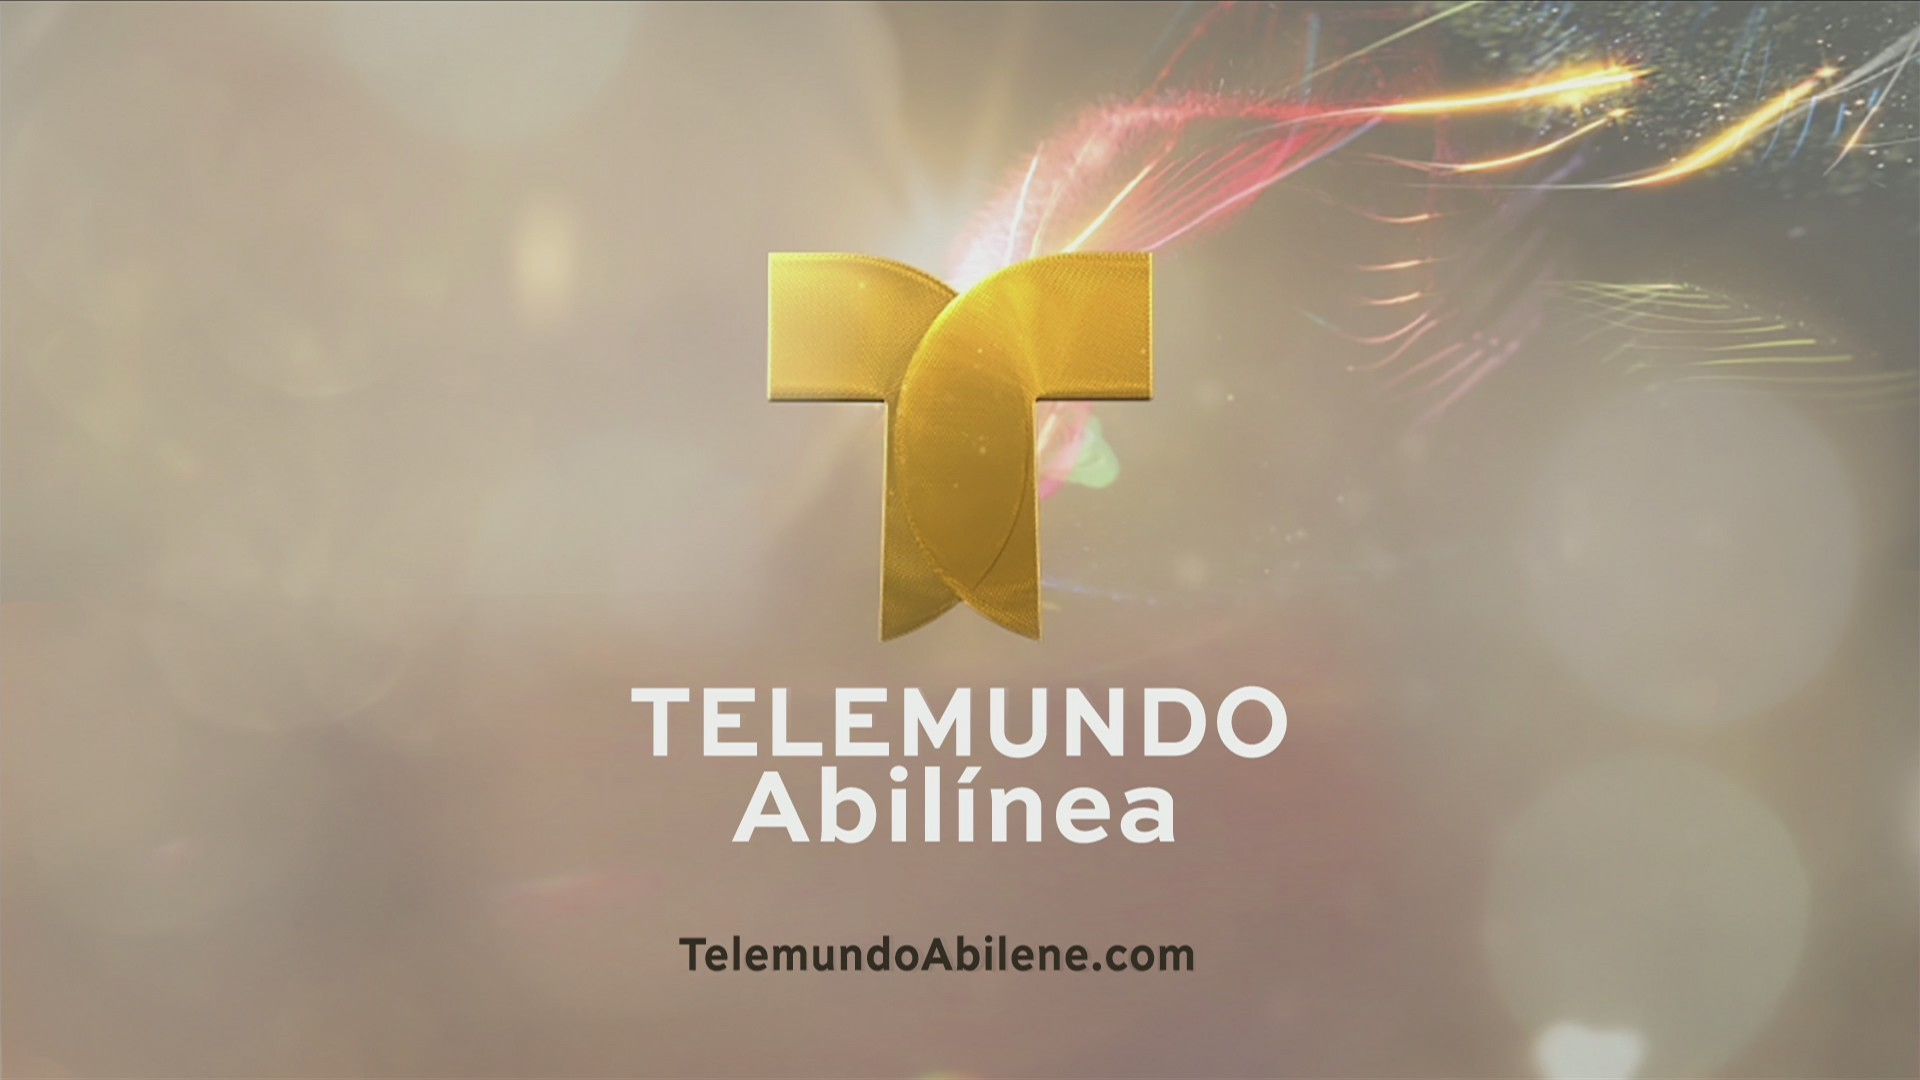 Telemundo Abilínea - 17 de mayo, 2019